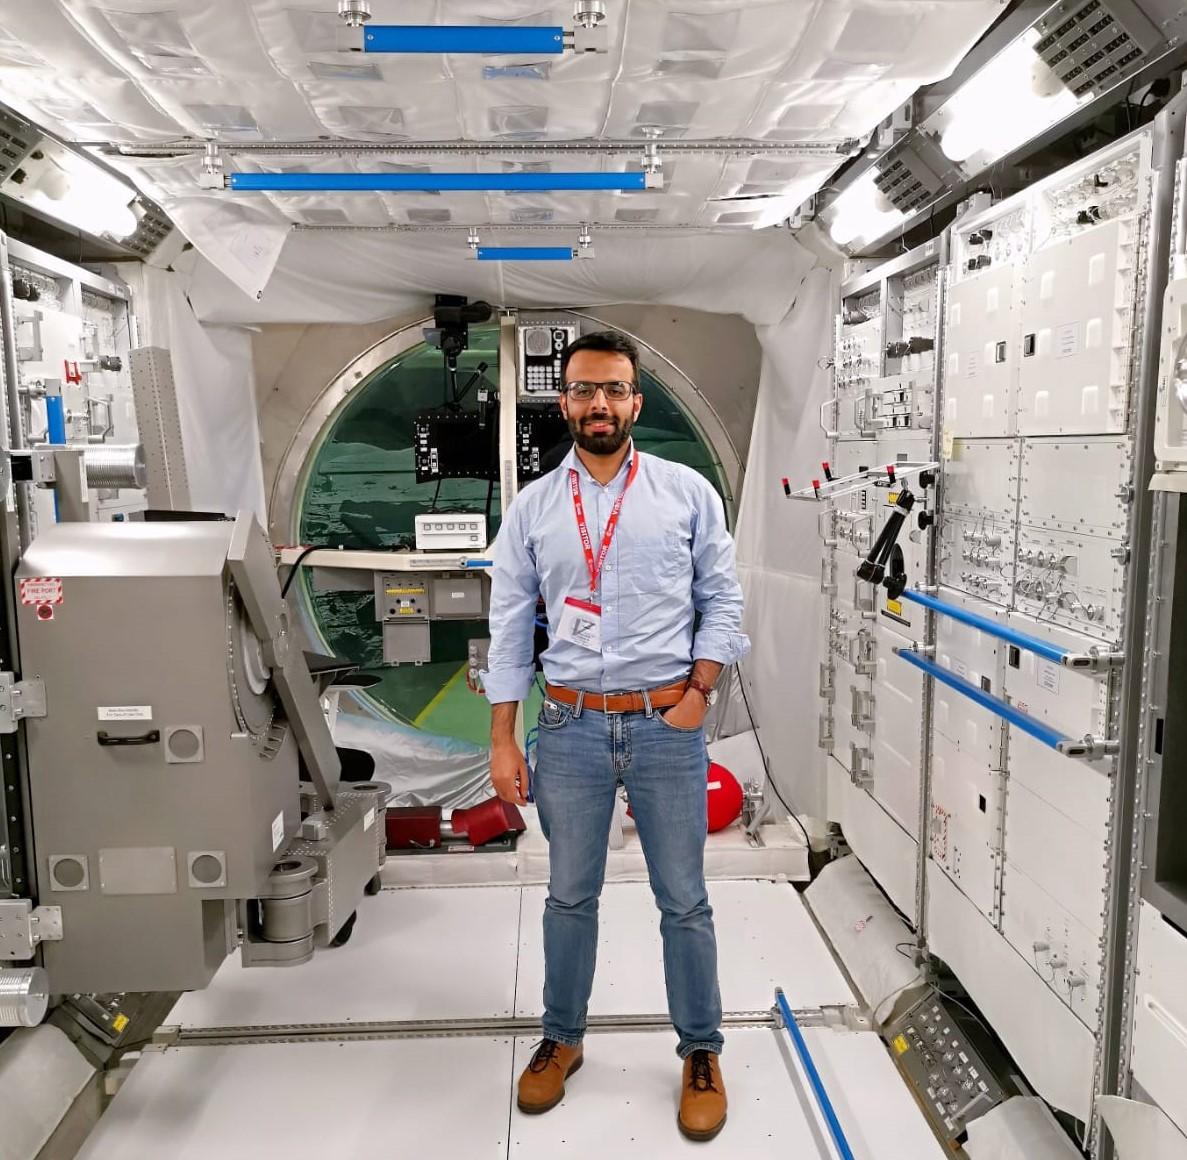 ڈاکٹر یرجان عبدالصمد نے امریکہ کی بہترین یونیورسٹی ایم آئی ٹی سے پی ای چ ڈی مکمل کی۔